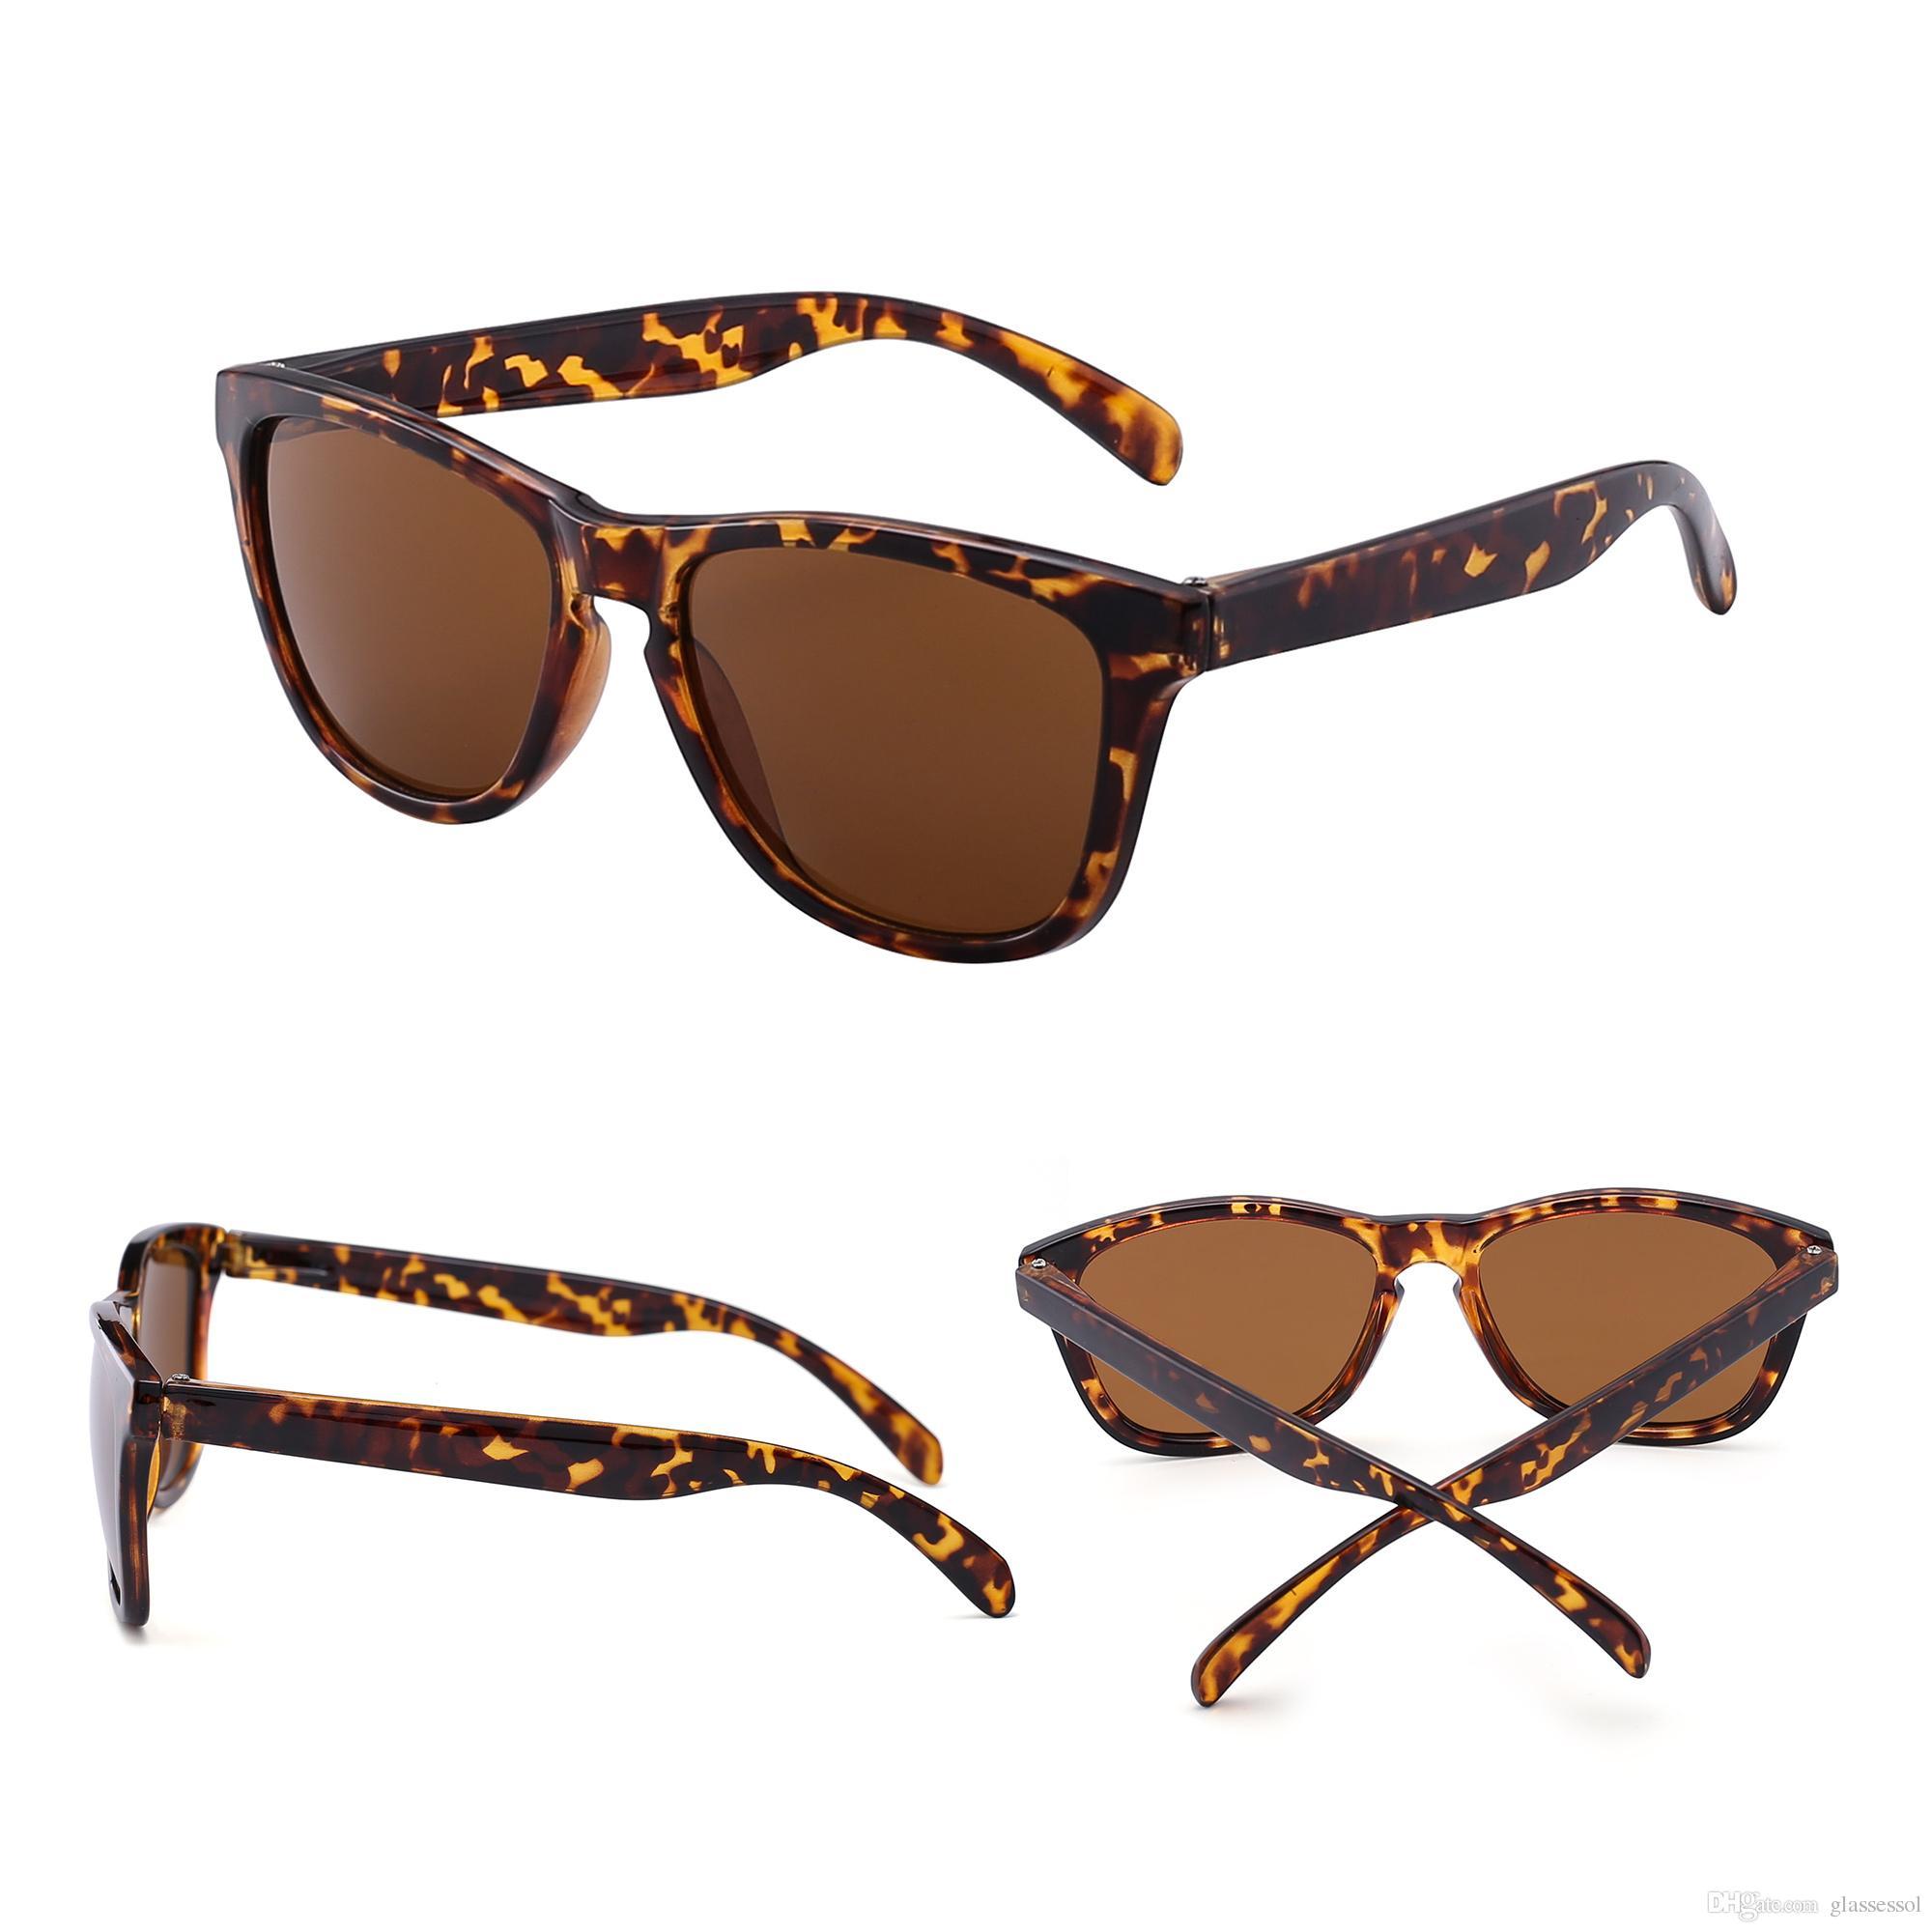 89ee3524da6fa 2018 Sunglasses Men Women Brand Eye Sun Glasses Bands Mirror Lenses BEN  Sunglasses John Lennon Sunglasses Wiley X Sunglasses From Glassessol